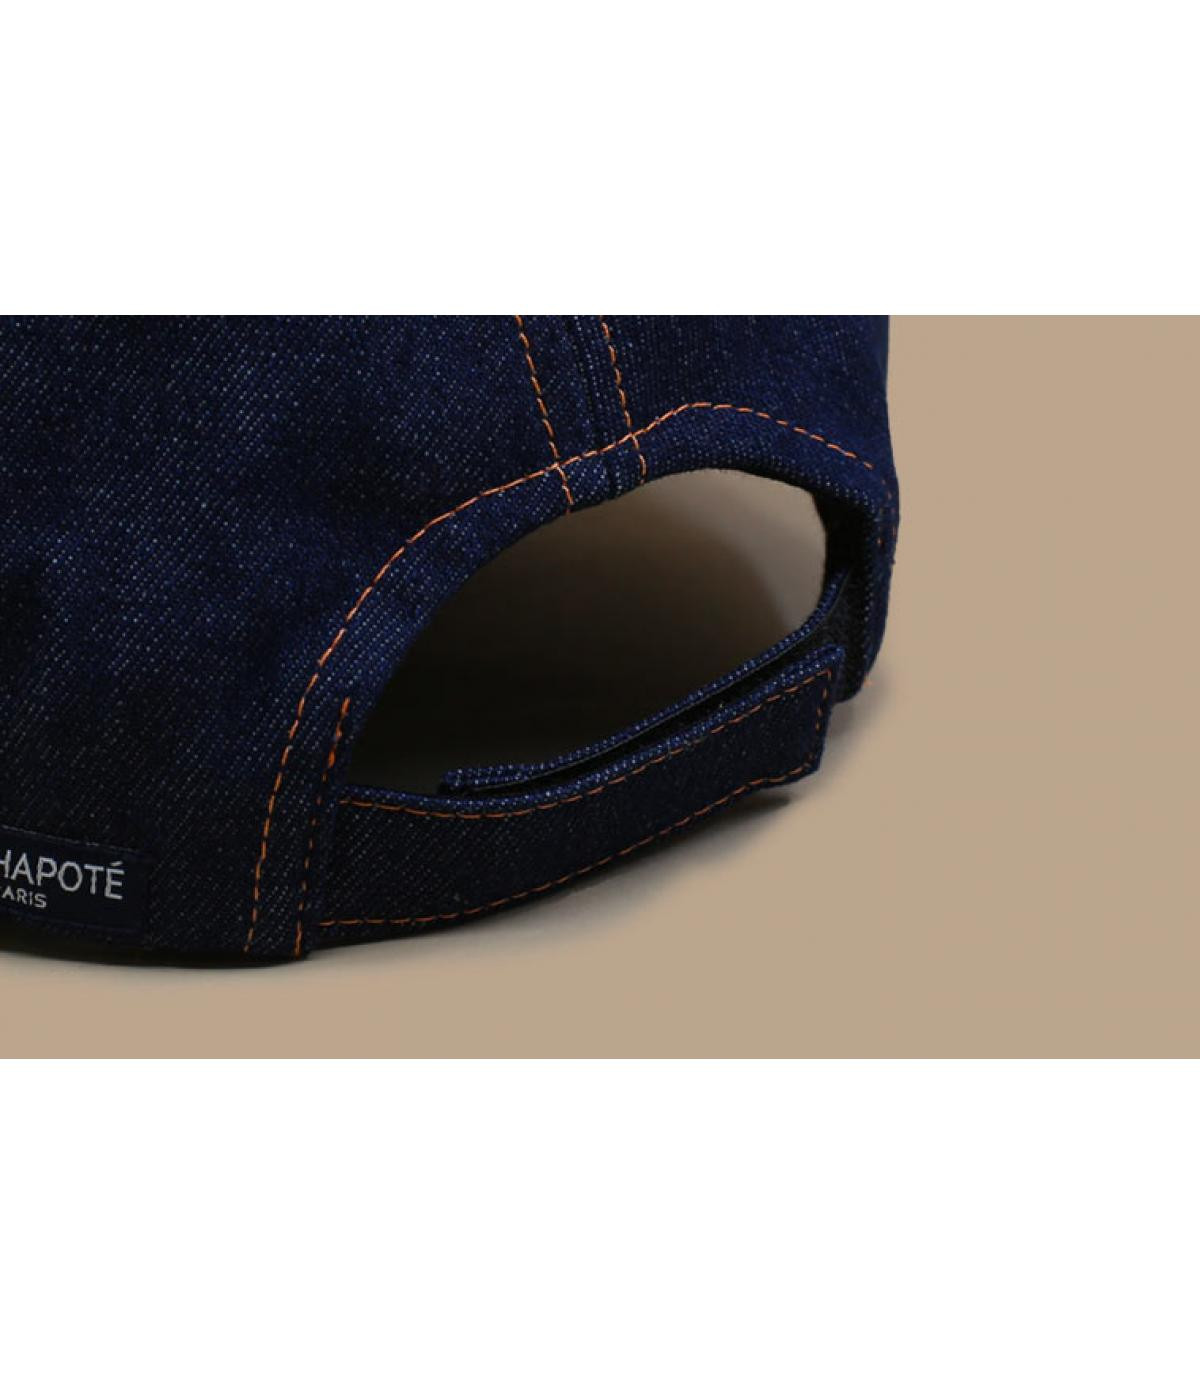 Détails Jeans - image 5